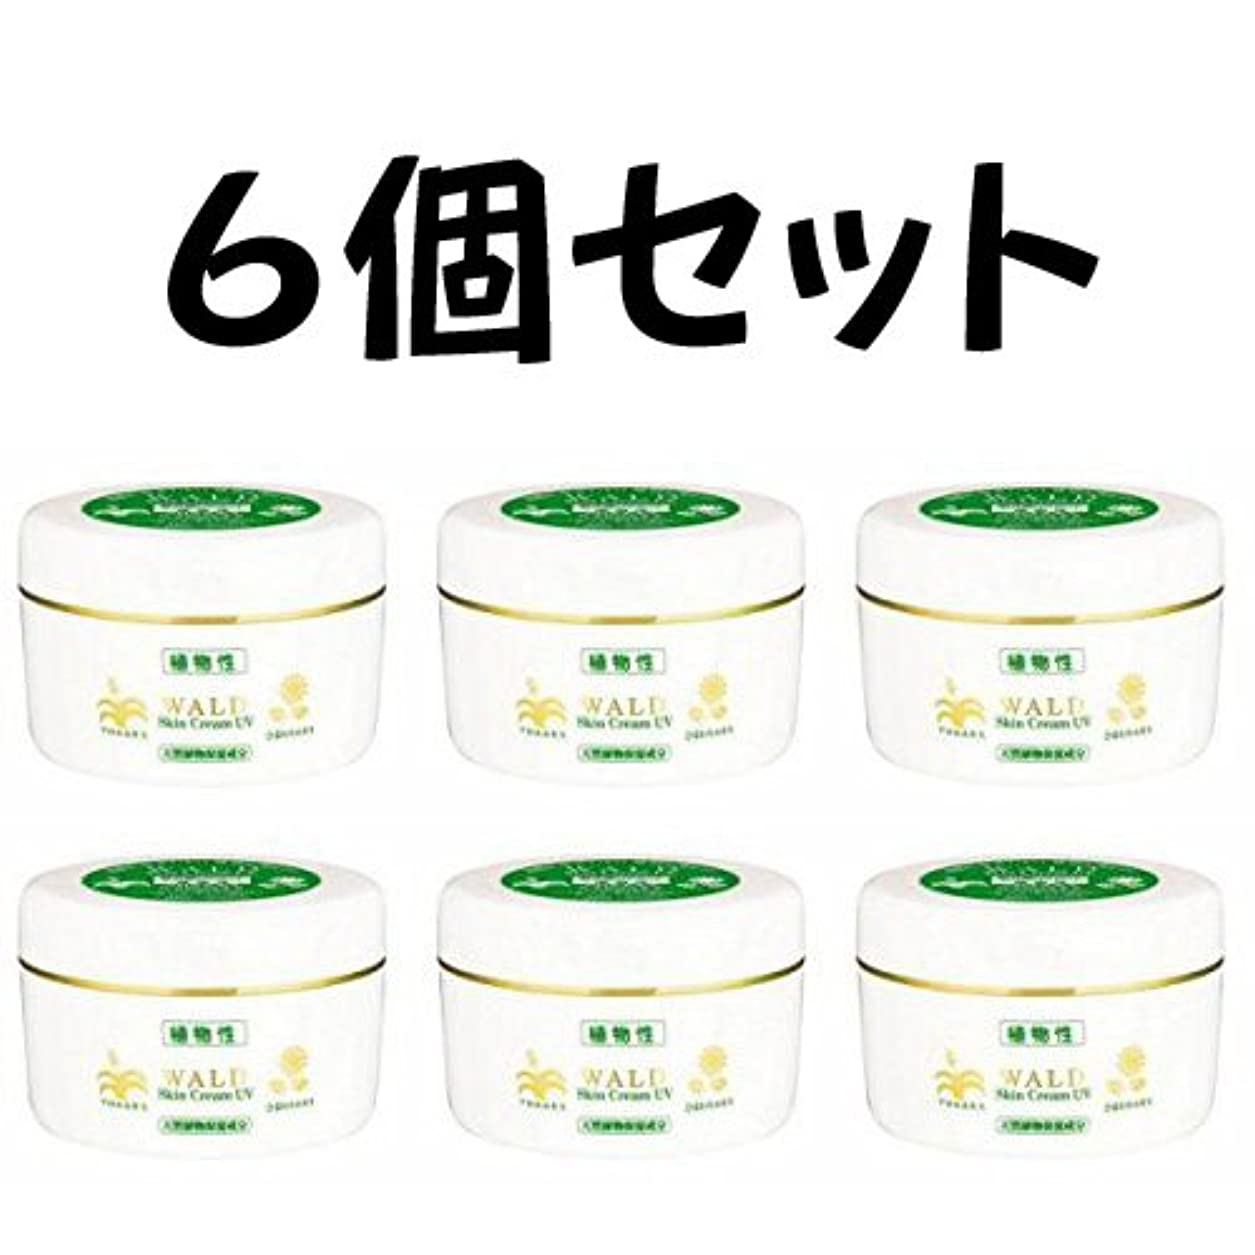 ロデオメイド裂け目新 ヴァルトスキンクリーム UV (WALD Skin Cream UV) 220g (6)